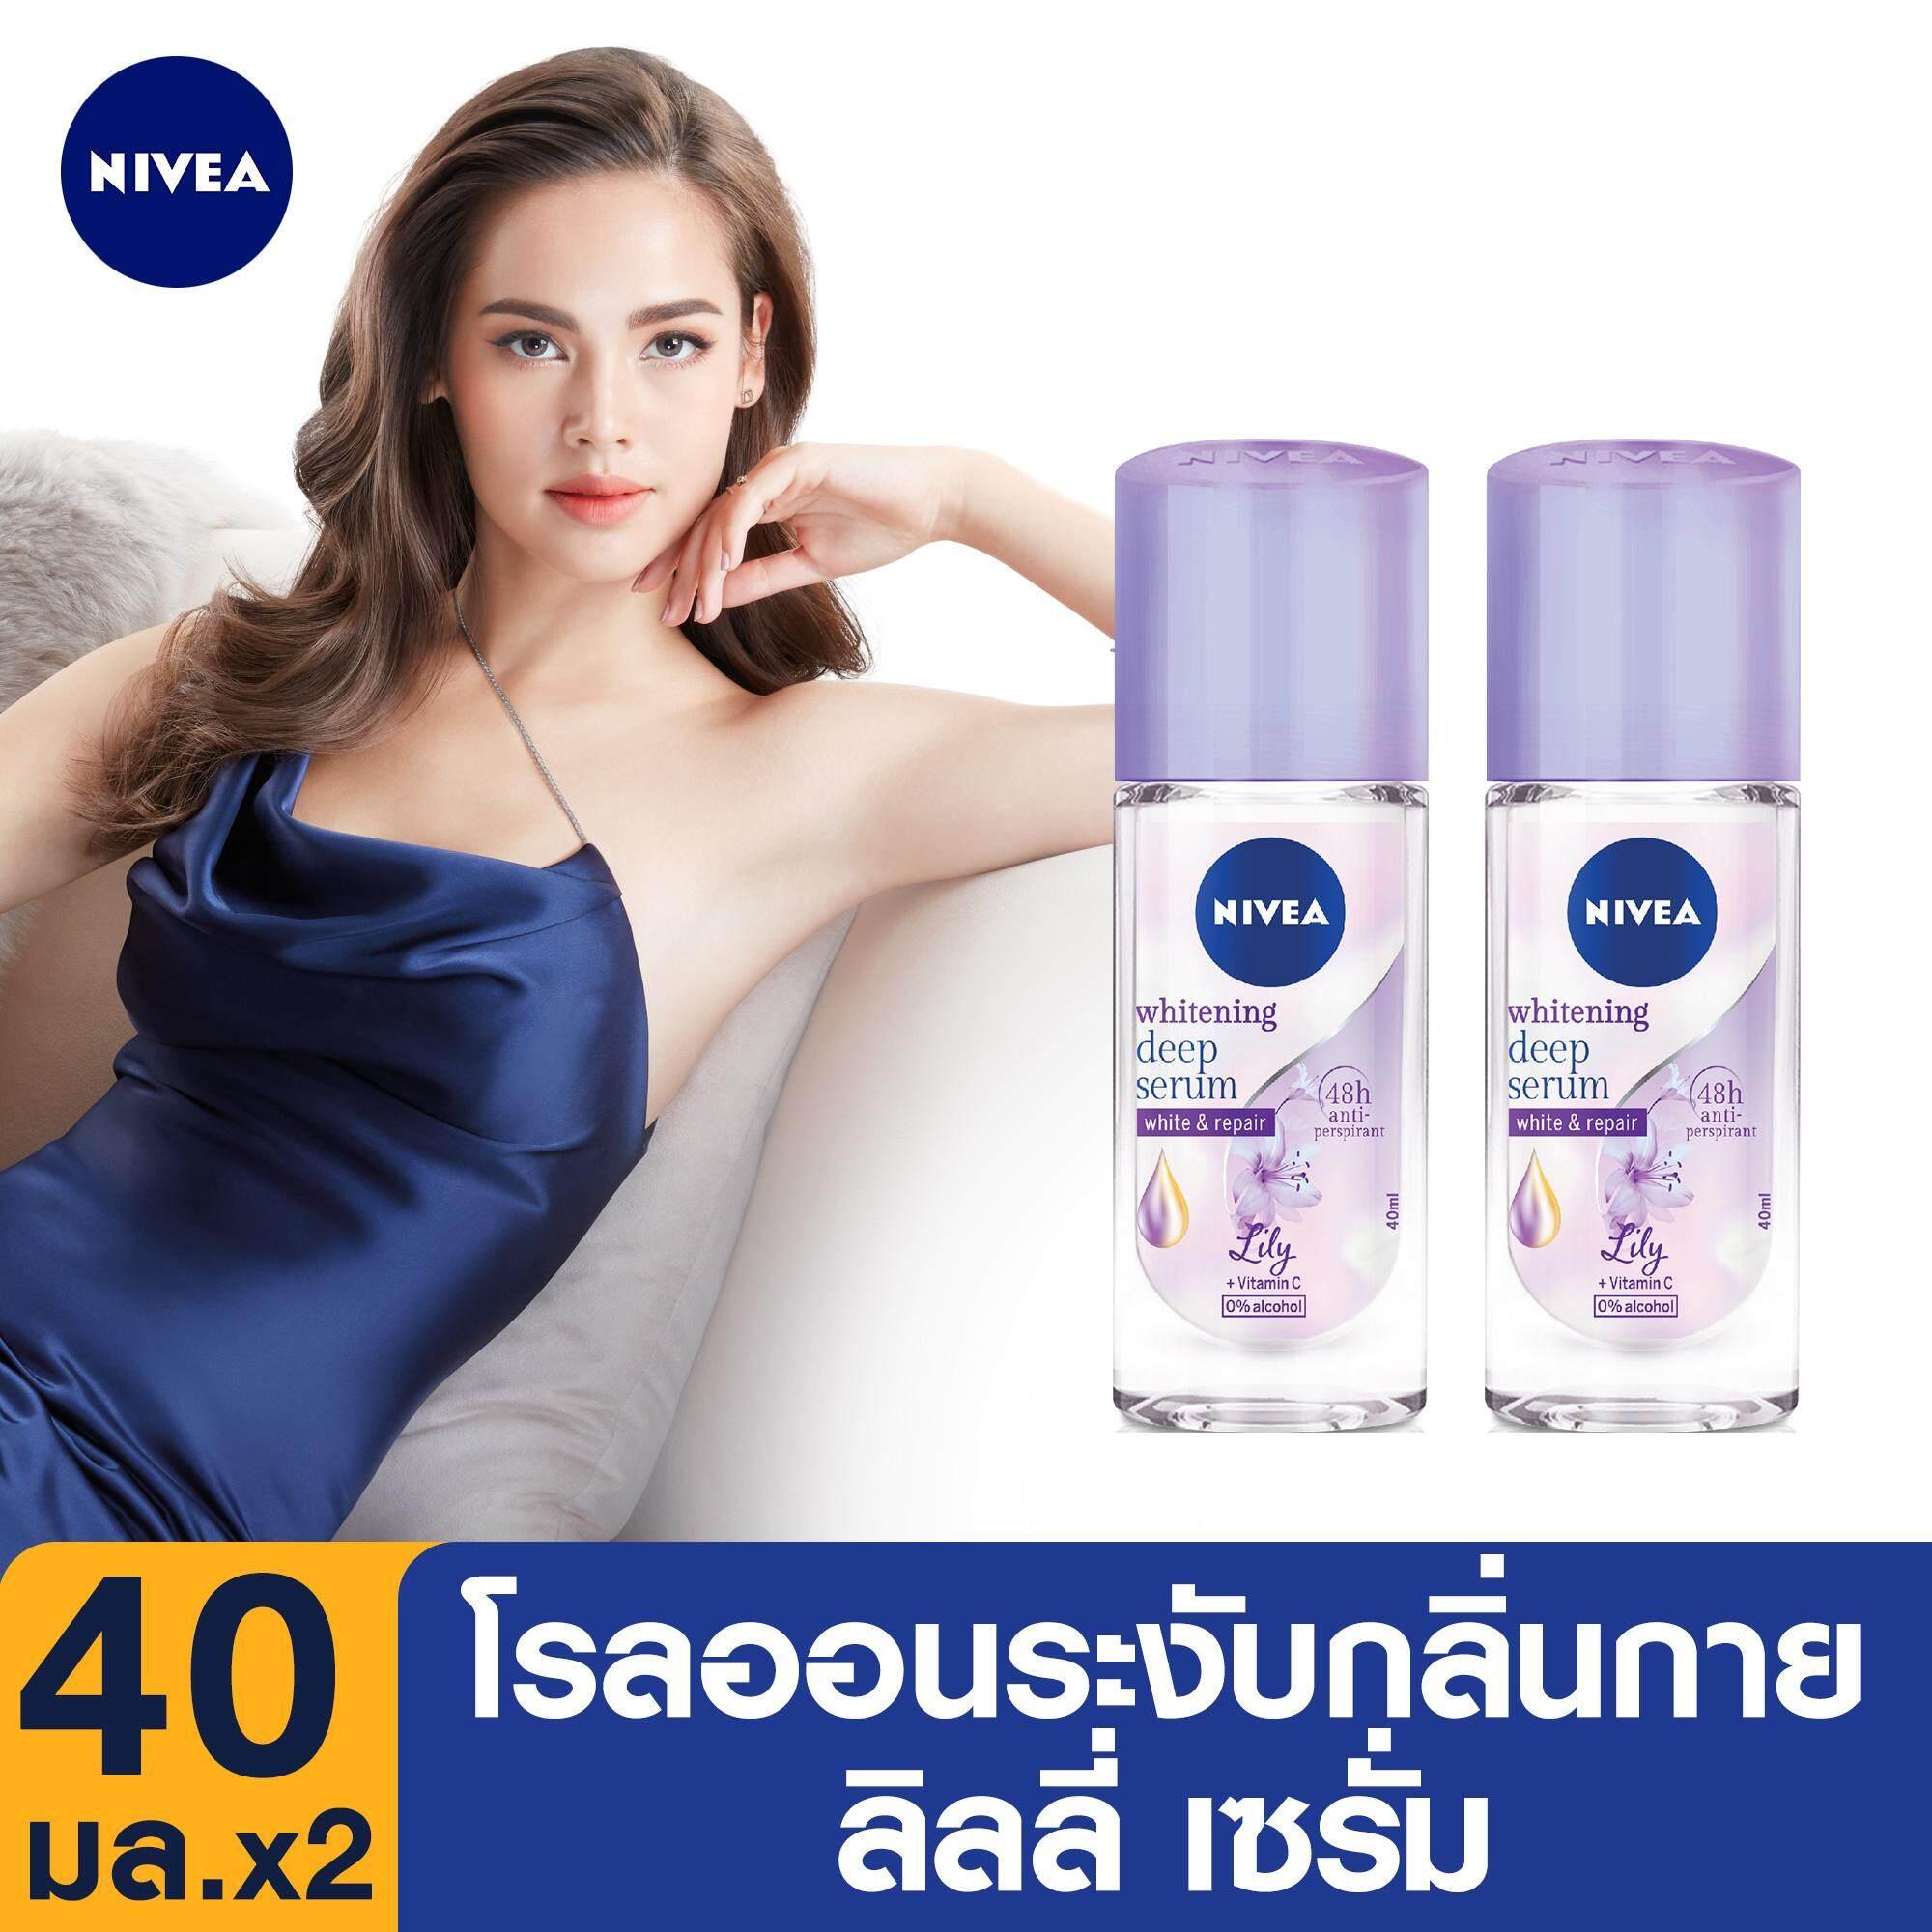 นีเวีย ดีโอ โรลออน ลิลลี่ สำหรับผู้หญิง 40 มล. 2 ชิ้น NIVEA Deo Lily Roll On 40 ml. 2 pcs. (โรลออน, ระงับกลิ่นกาย, กำจัดกลิ่นตัว, ลดกลิ่นตัว, deodorant, รักแร้ขาว, ป้องกัน รักแร้เปียก, รักแร้หนังไก่, ลดเหงื่อ, กระชับรูขุมขน, แก้รักแร้ดำ, เซรั่มรักแร้)